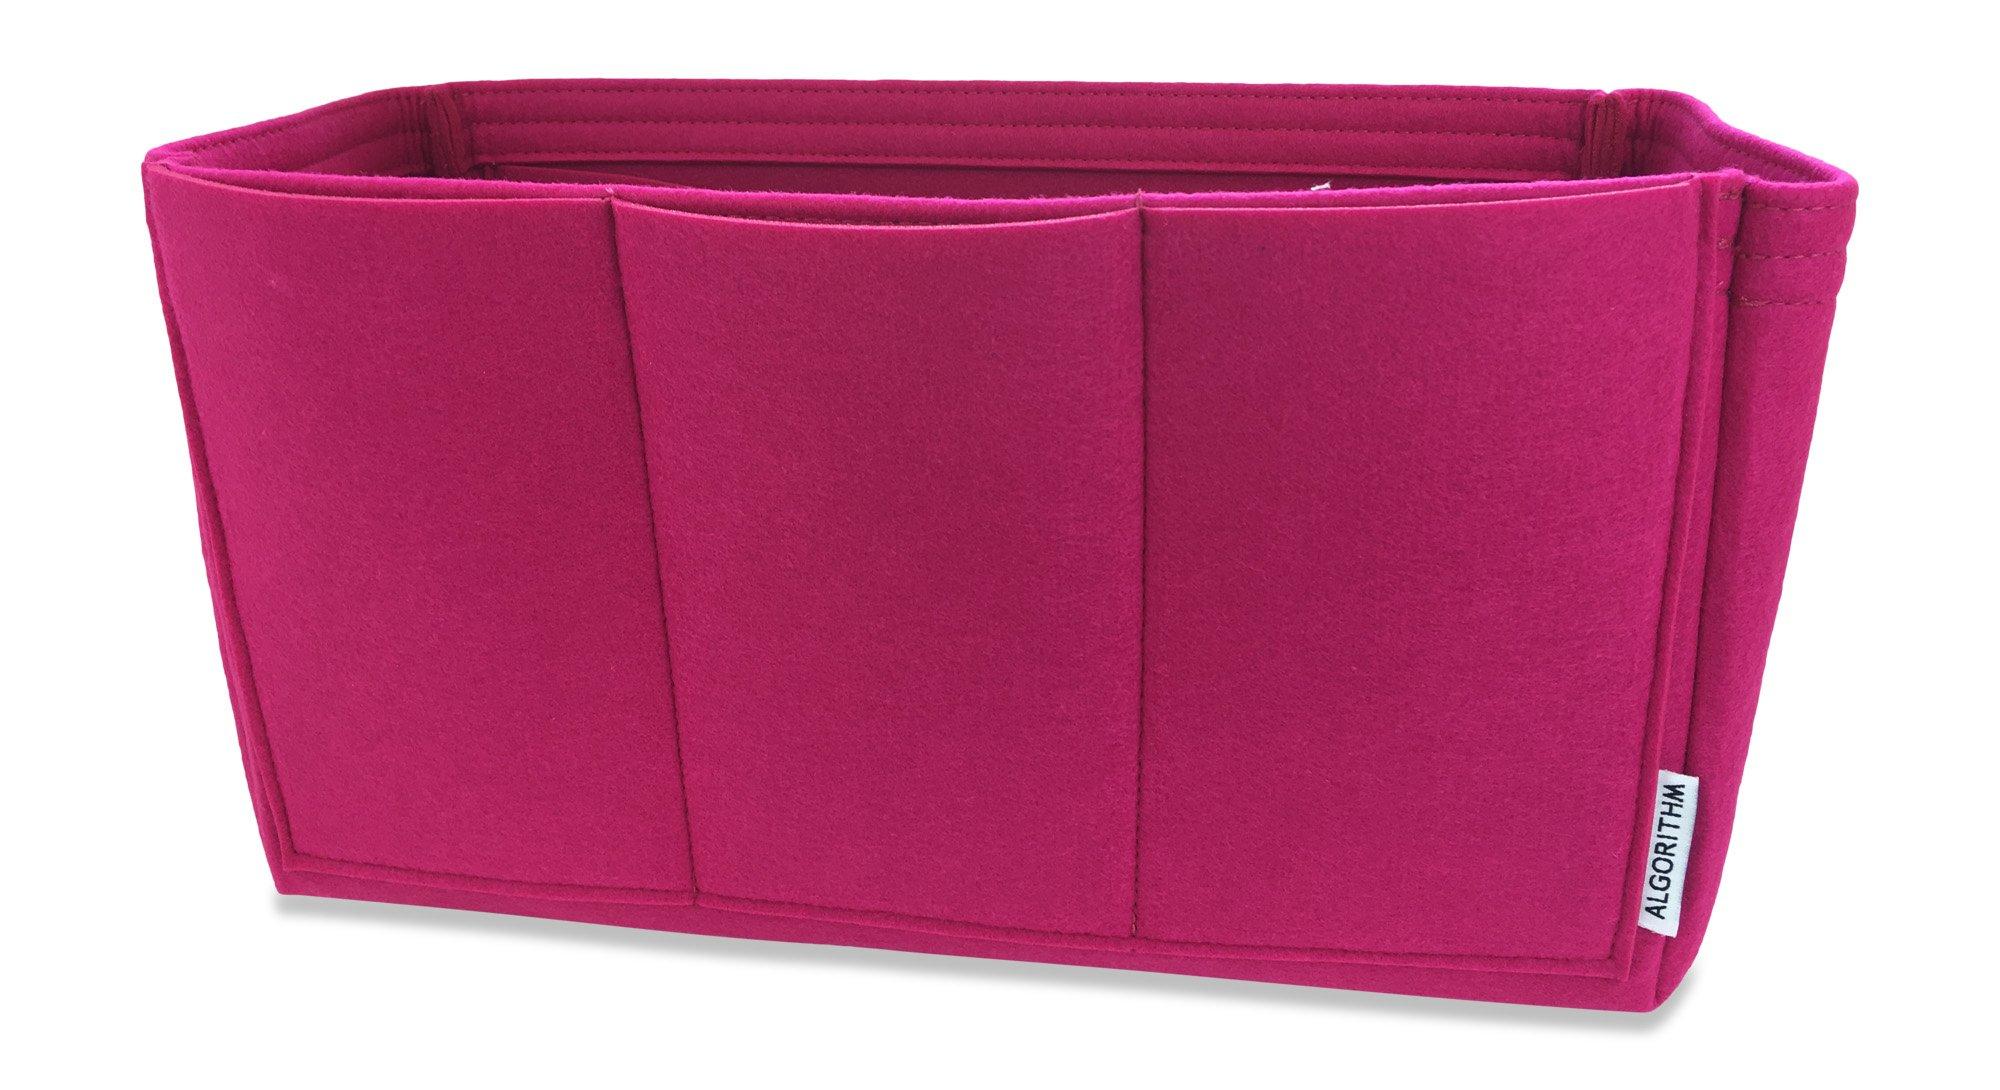 AlgorithmBags Neverfull GM Purse Organizer | LV Bag Insert Liner Shaper, Pivoine, Beige, Red, 12 Pockets (Pivoine)